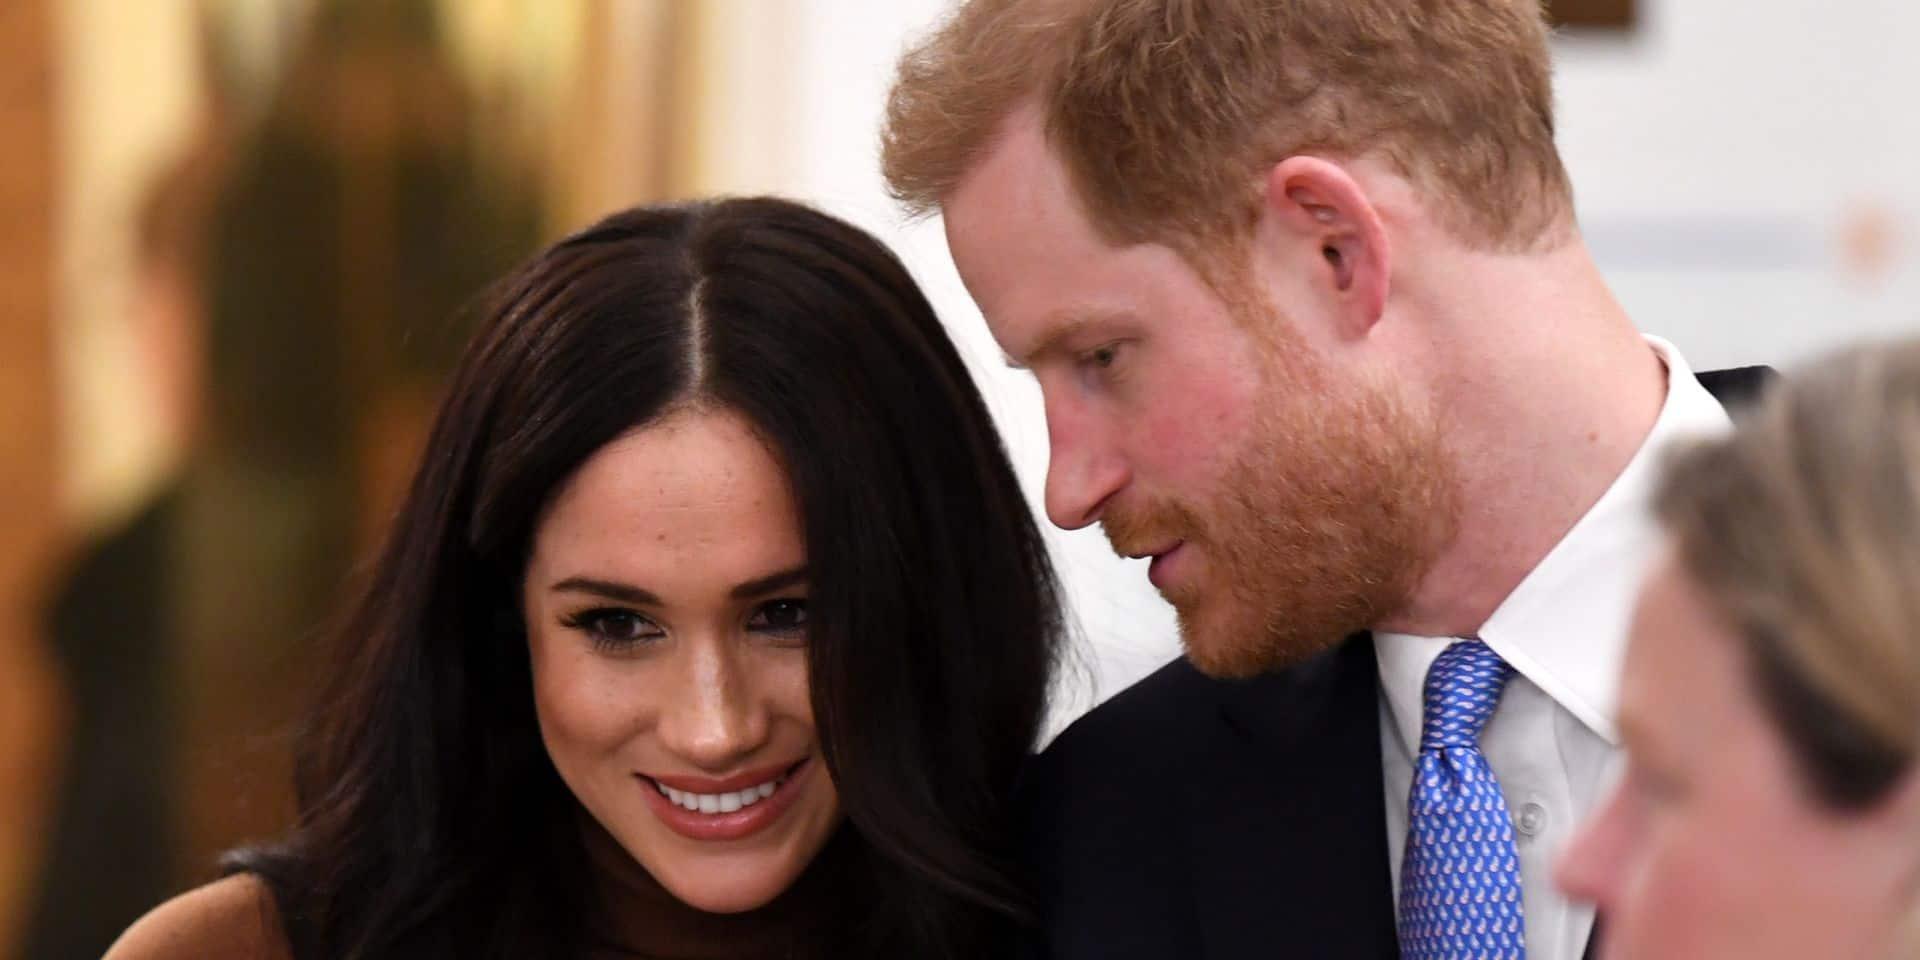 Meghan et Harry virent 15 personnes et tournent le dos à Buckingham Palace pour de bon